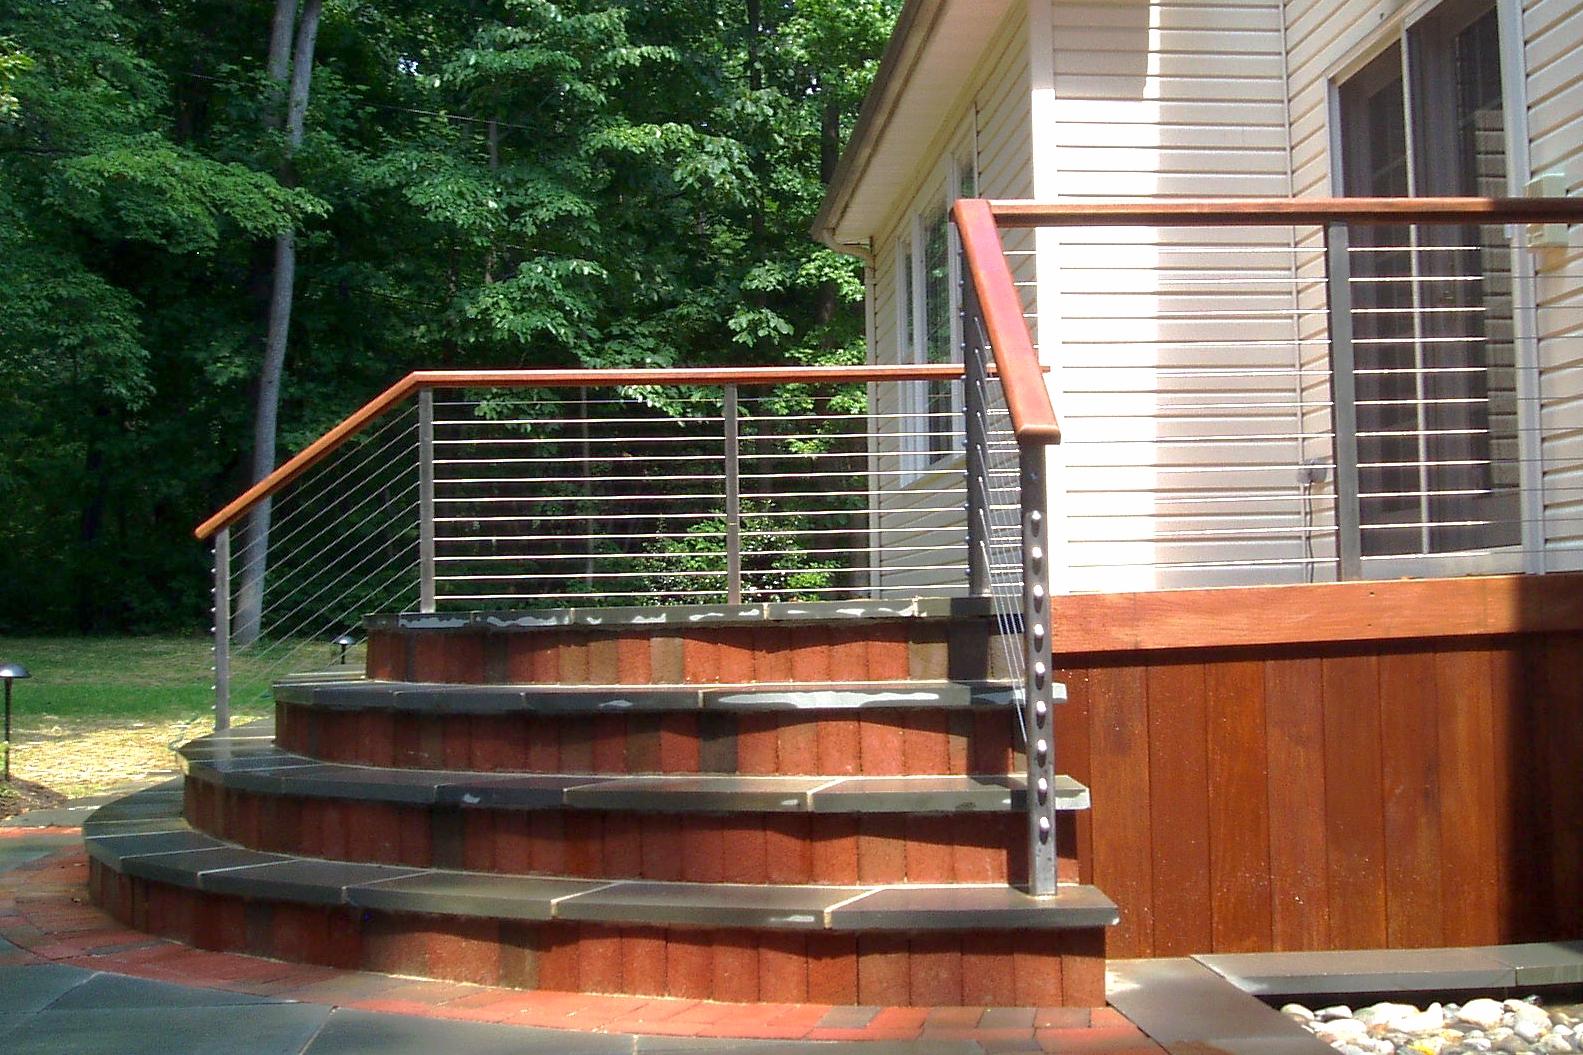 00-wood-decks-3.jpg